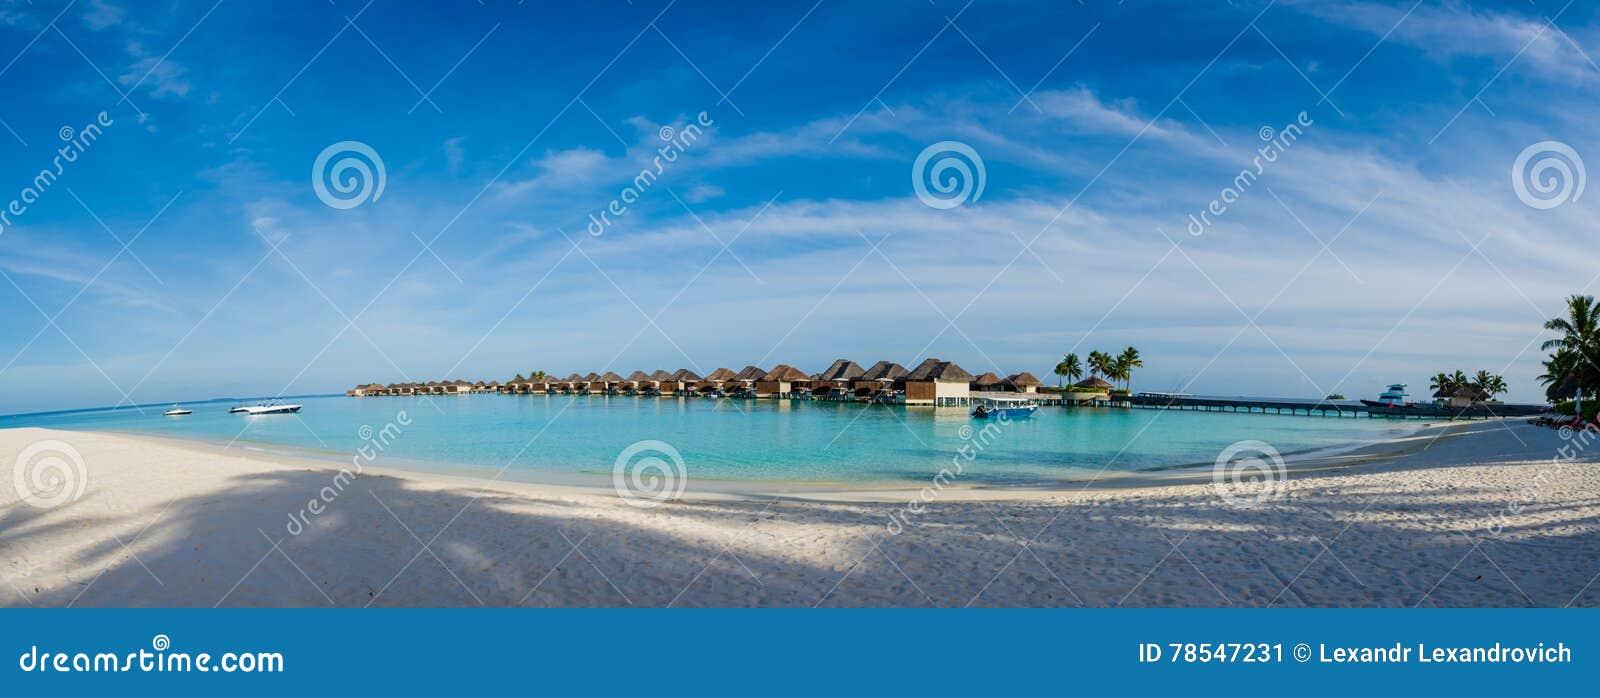 Panorama tropical bonito surpreendente da praia de bungalos da água perto do oceano com as palmeiras sob o céu azul em Maldivas